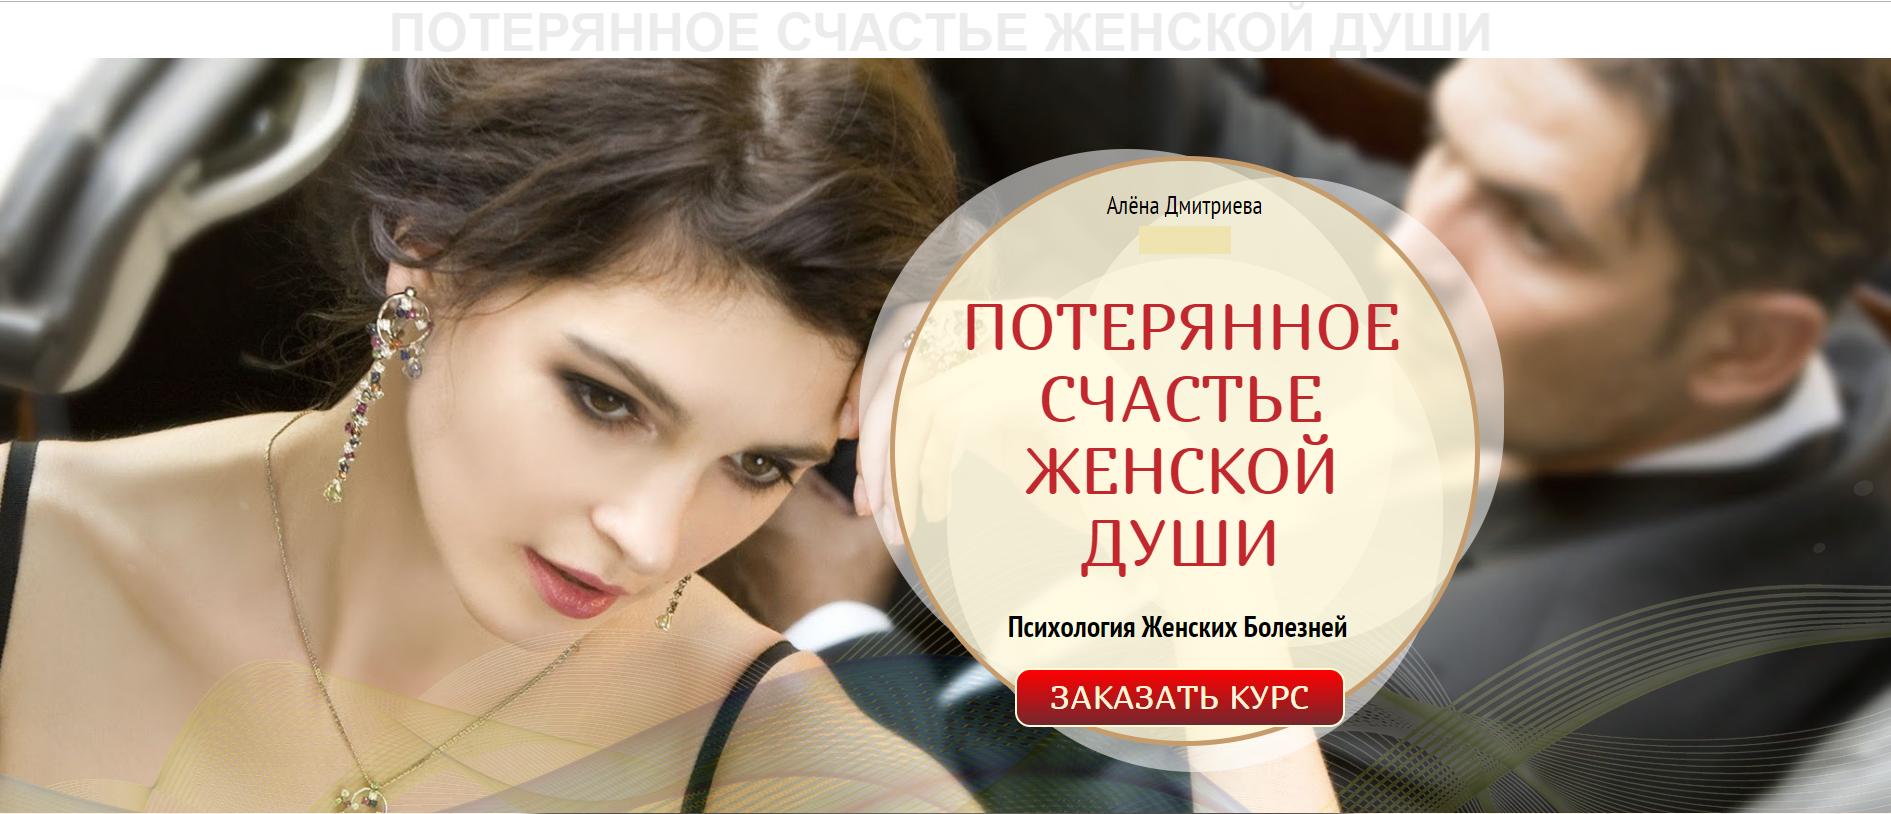 http://s3.uploads.ru/T4C7i.png